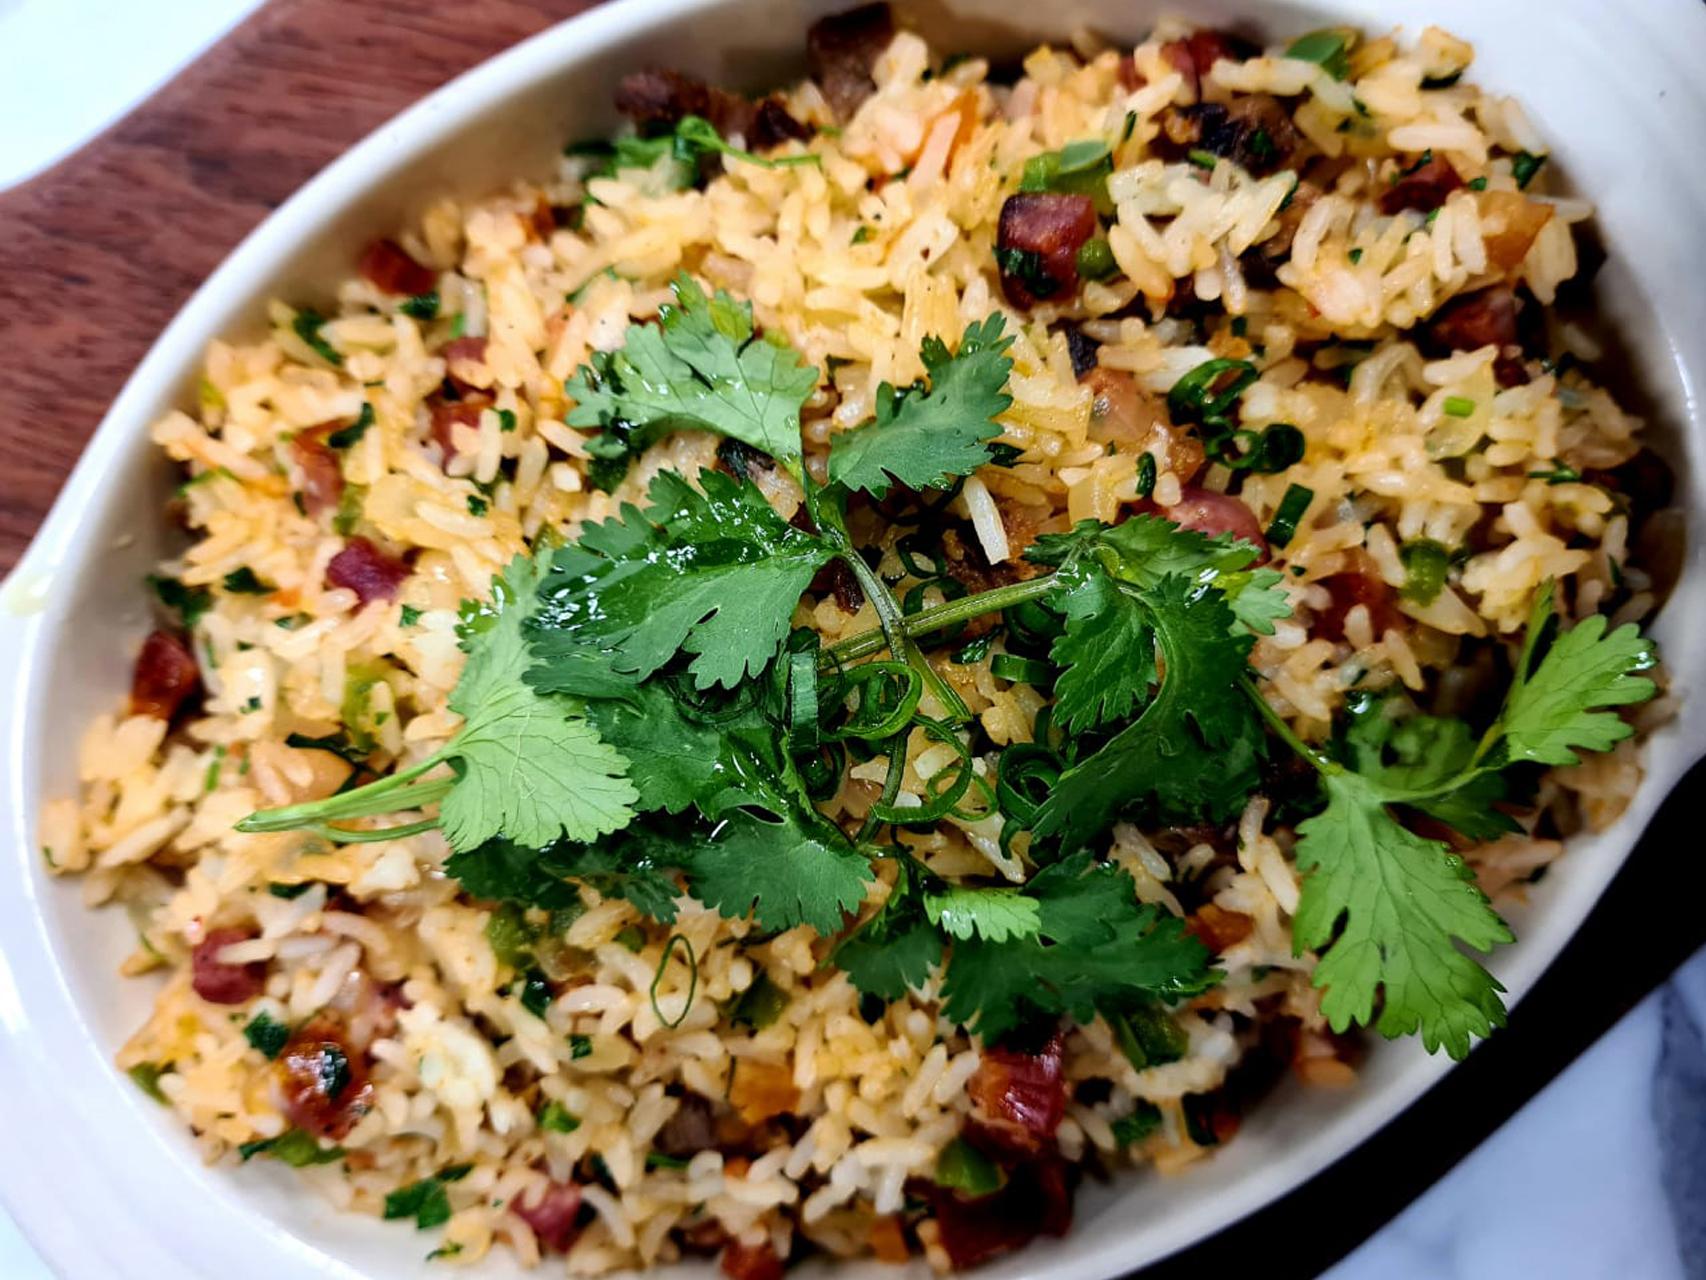 Prepare um clássico arroz carreteiro